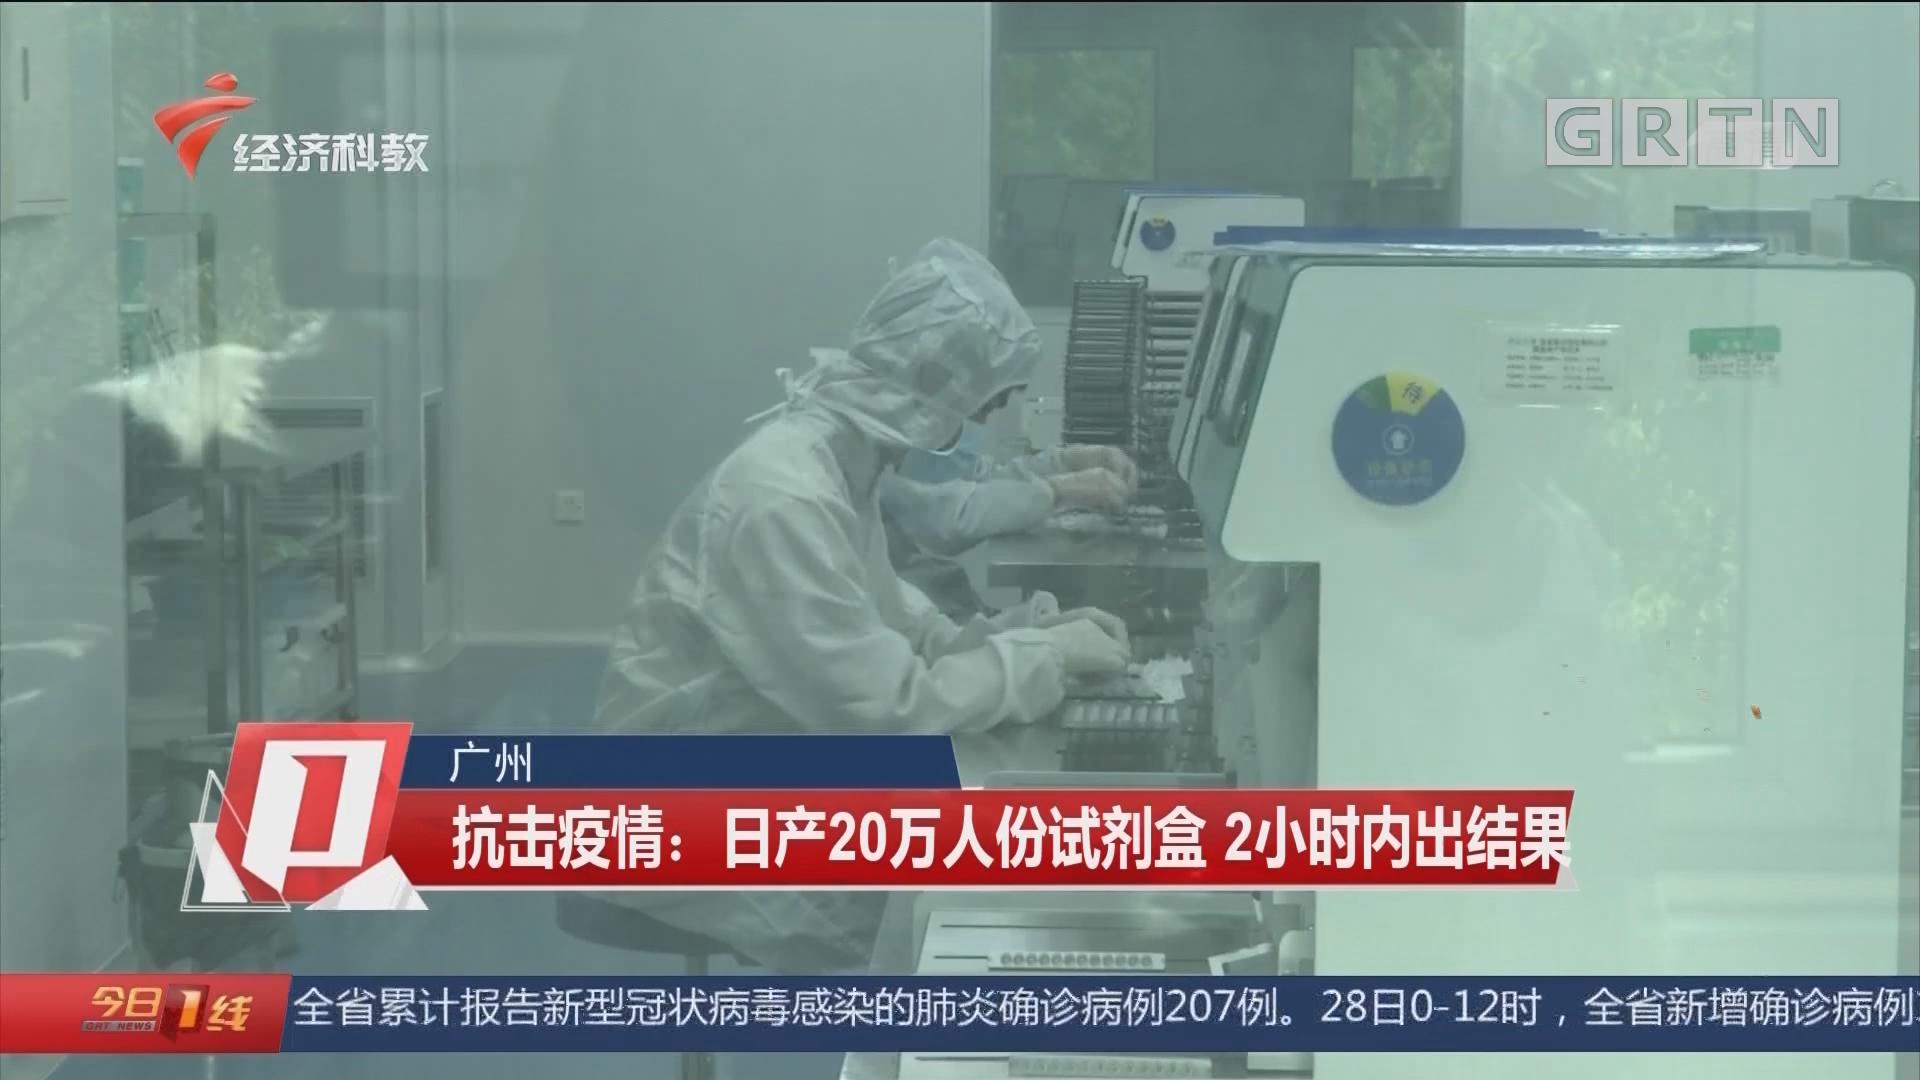 广州 抗击疫情:日产20万人份试剂盒 2小时内出结果